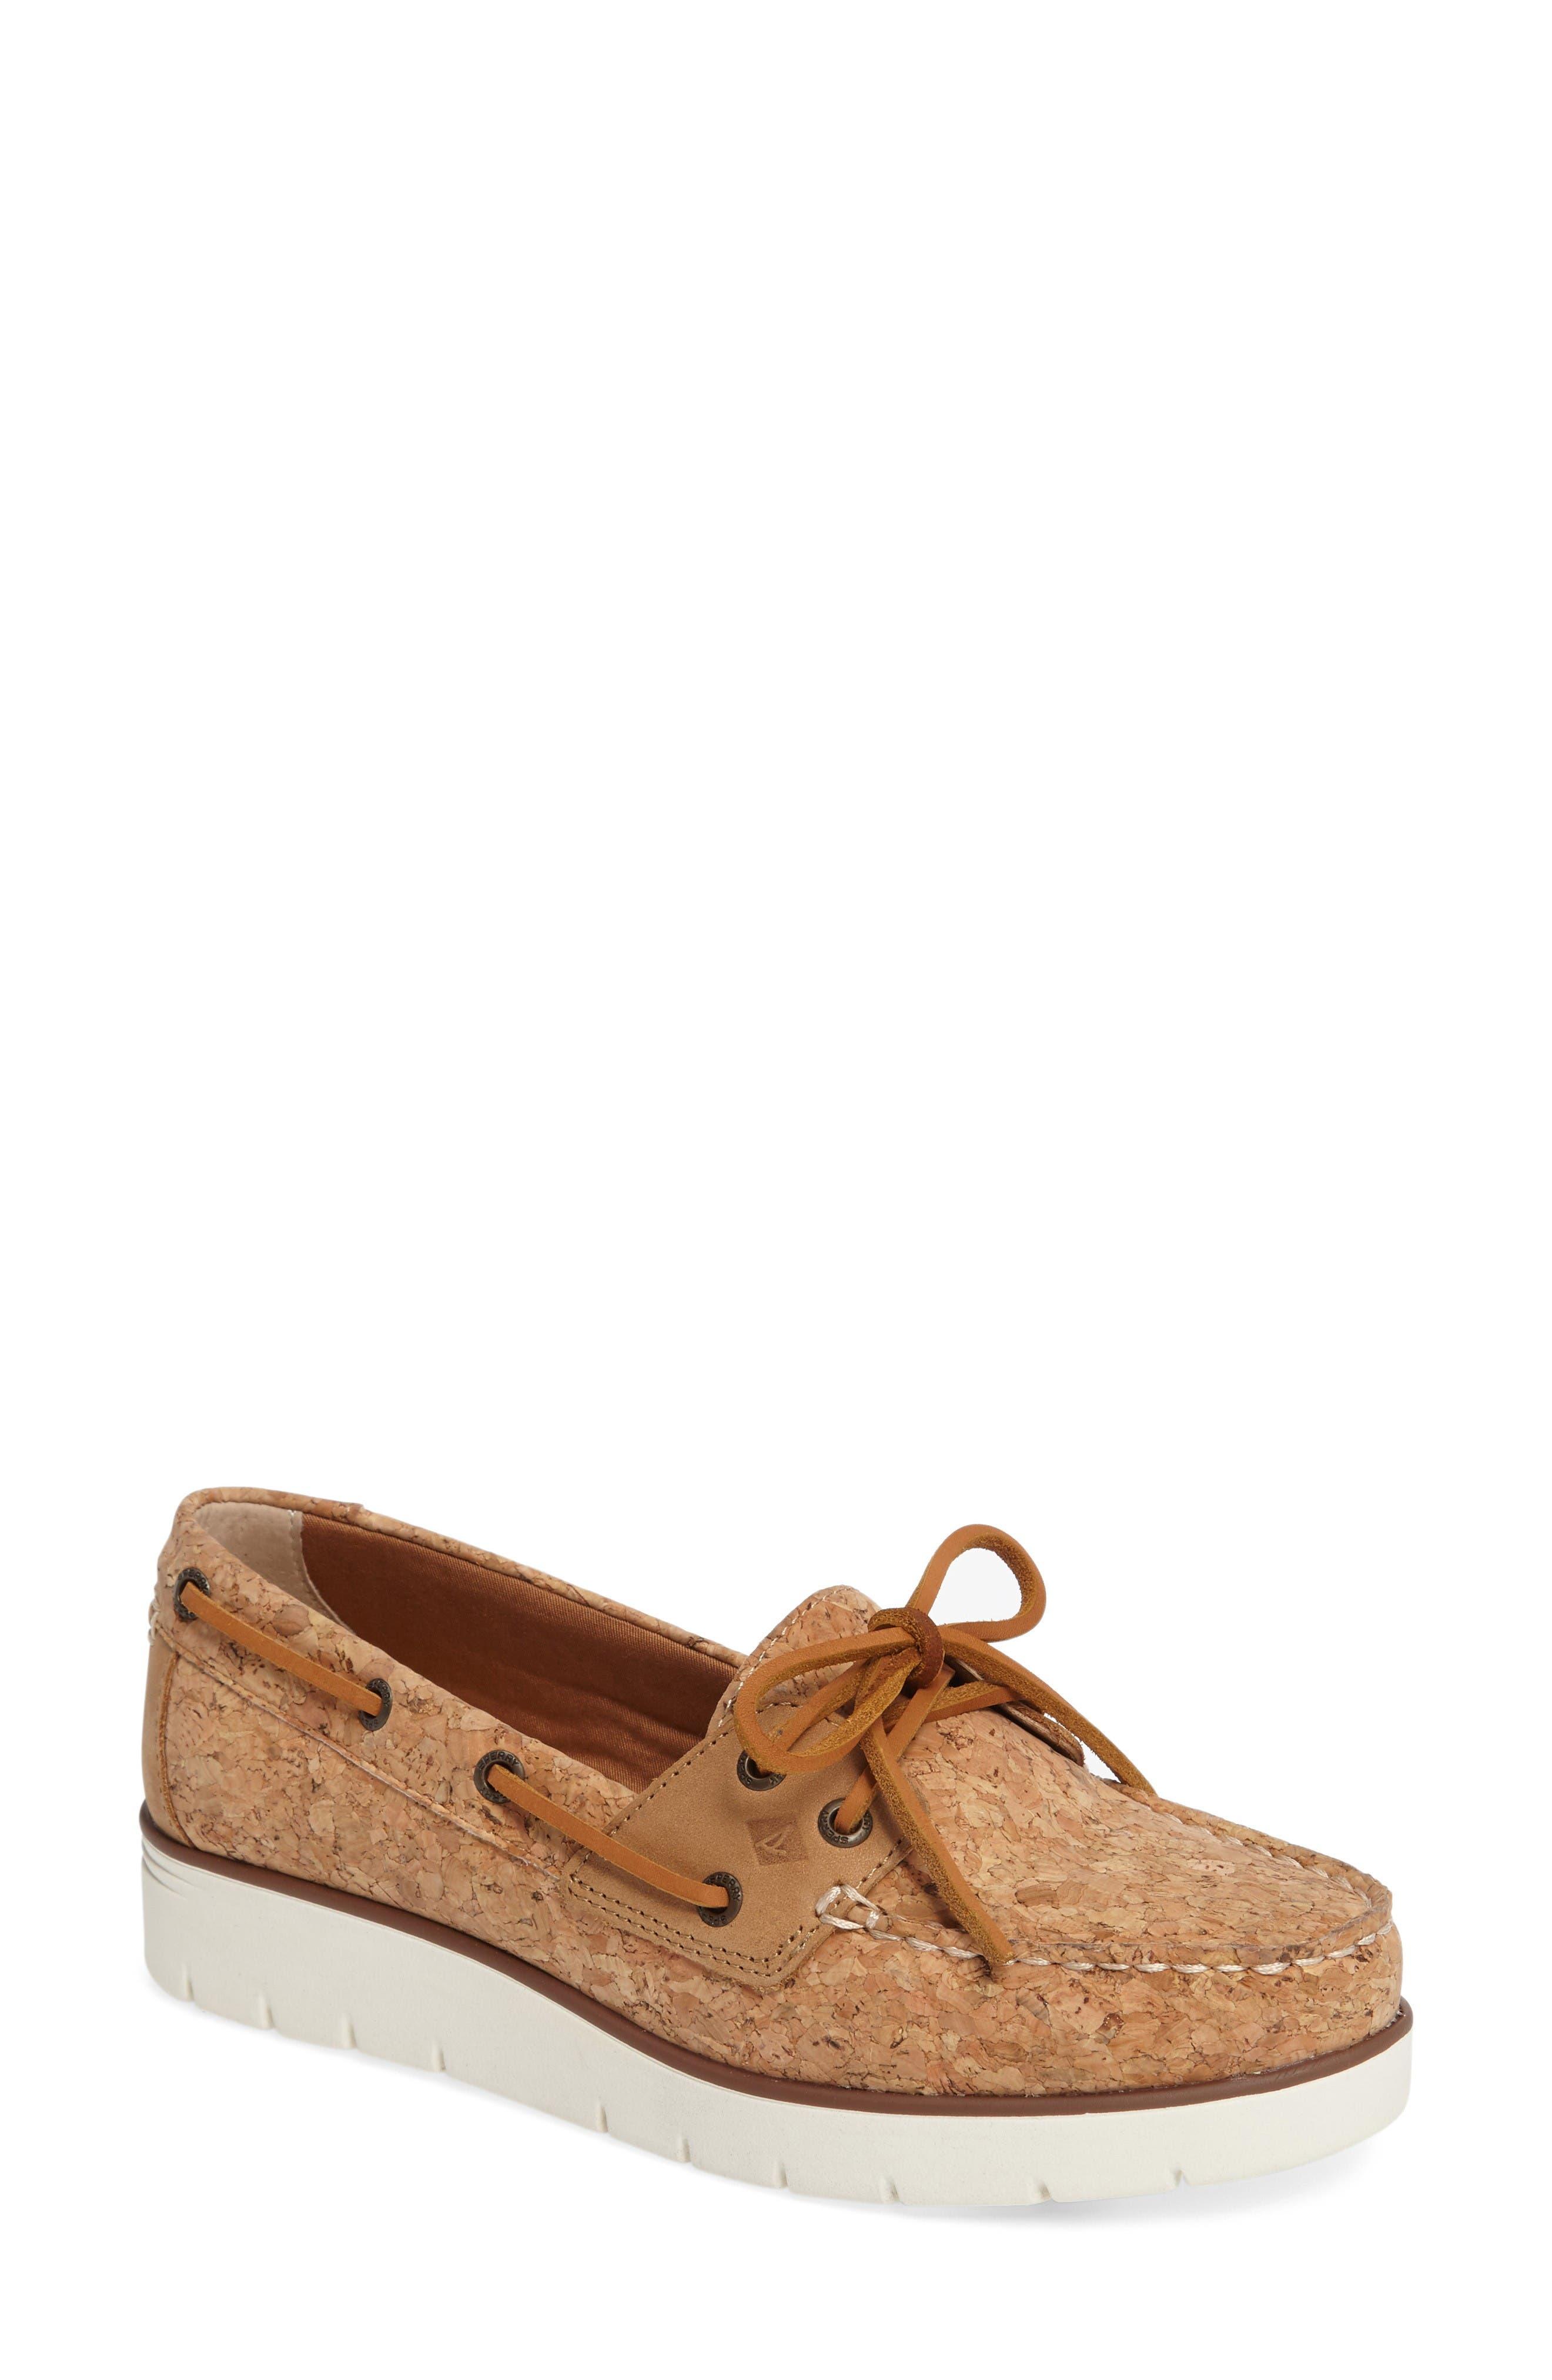 Sperry Azur Cora Wedge Boat Shoe (Women)